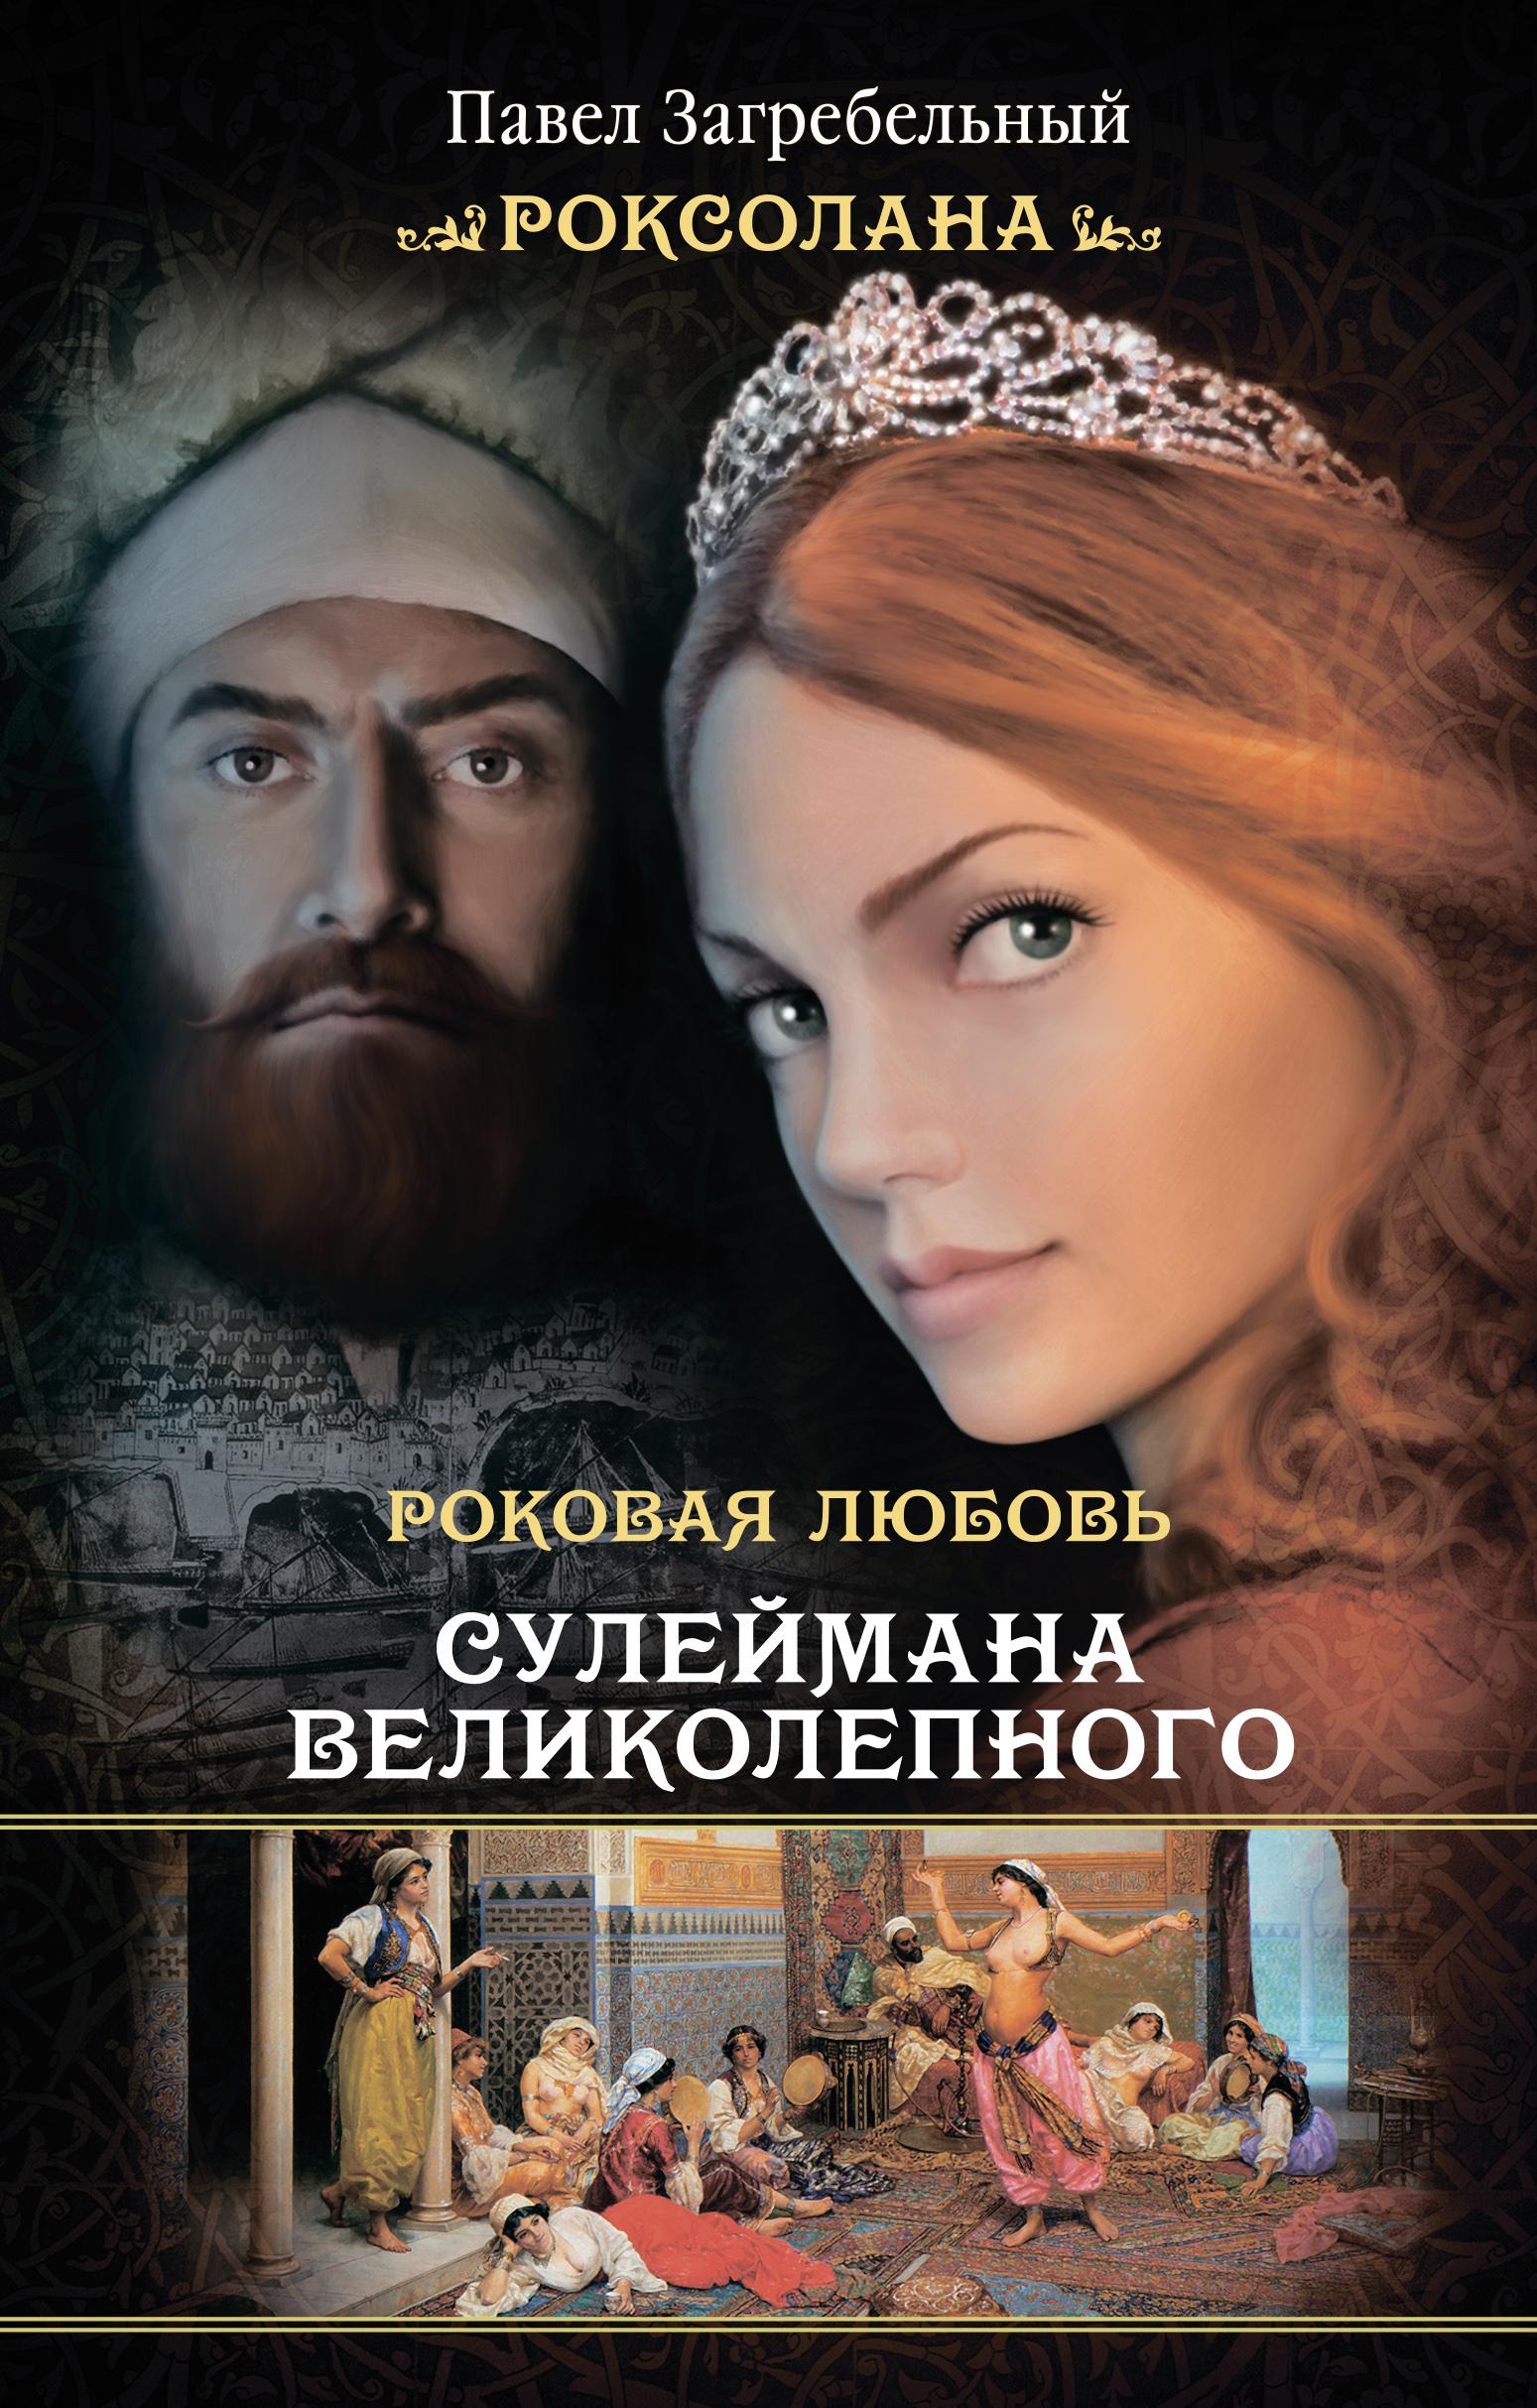 Павел Загребельный Роксолана. Роковая любовь Сулеймана Великолепного цена